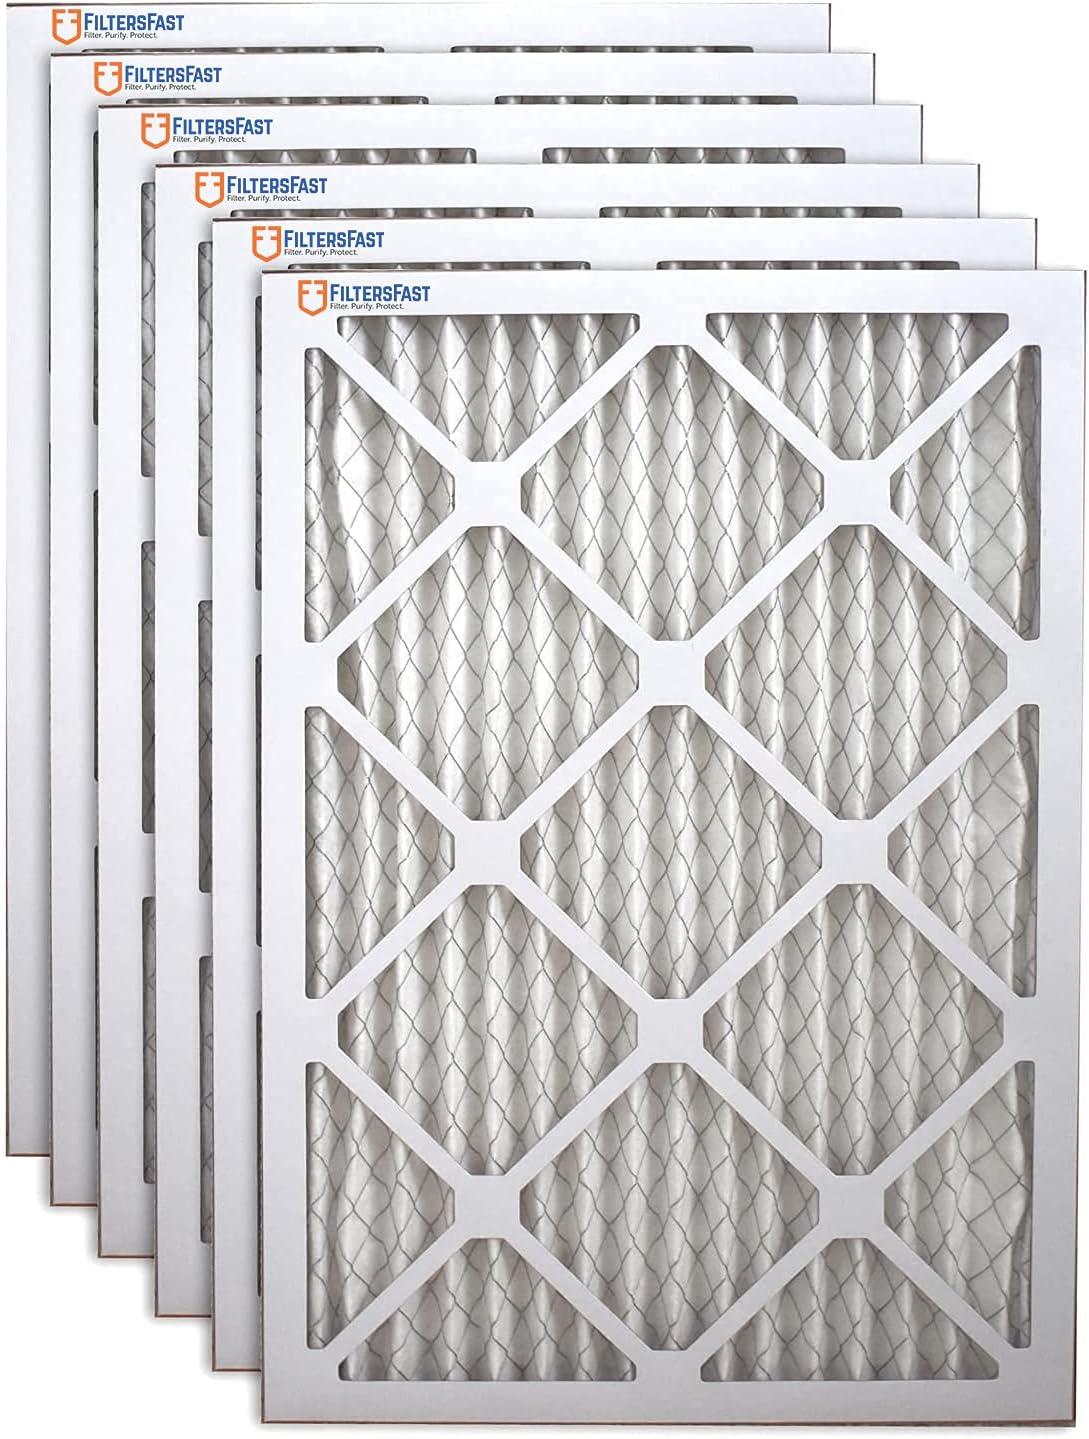 Filters Fast 12x30x1 Air Filter Max 62% OFF MERV Furnace 1